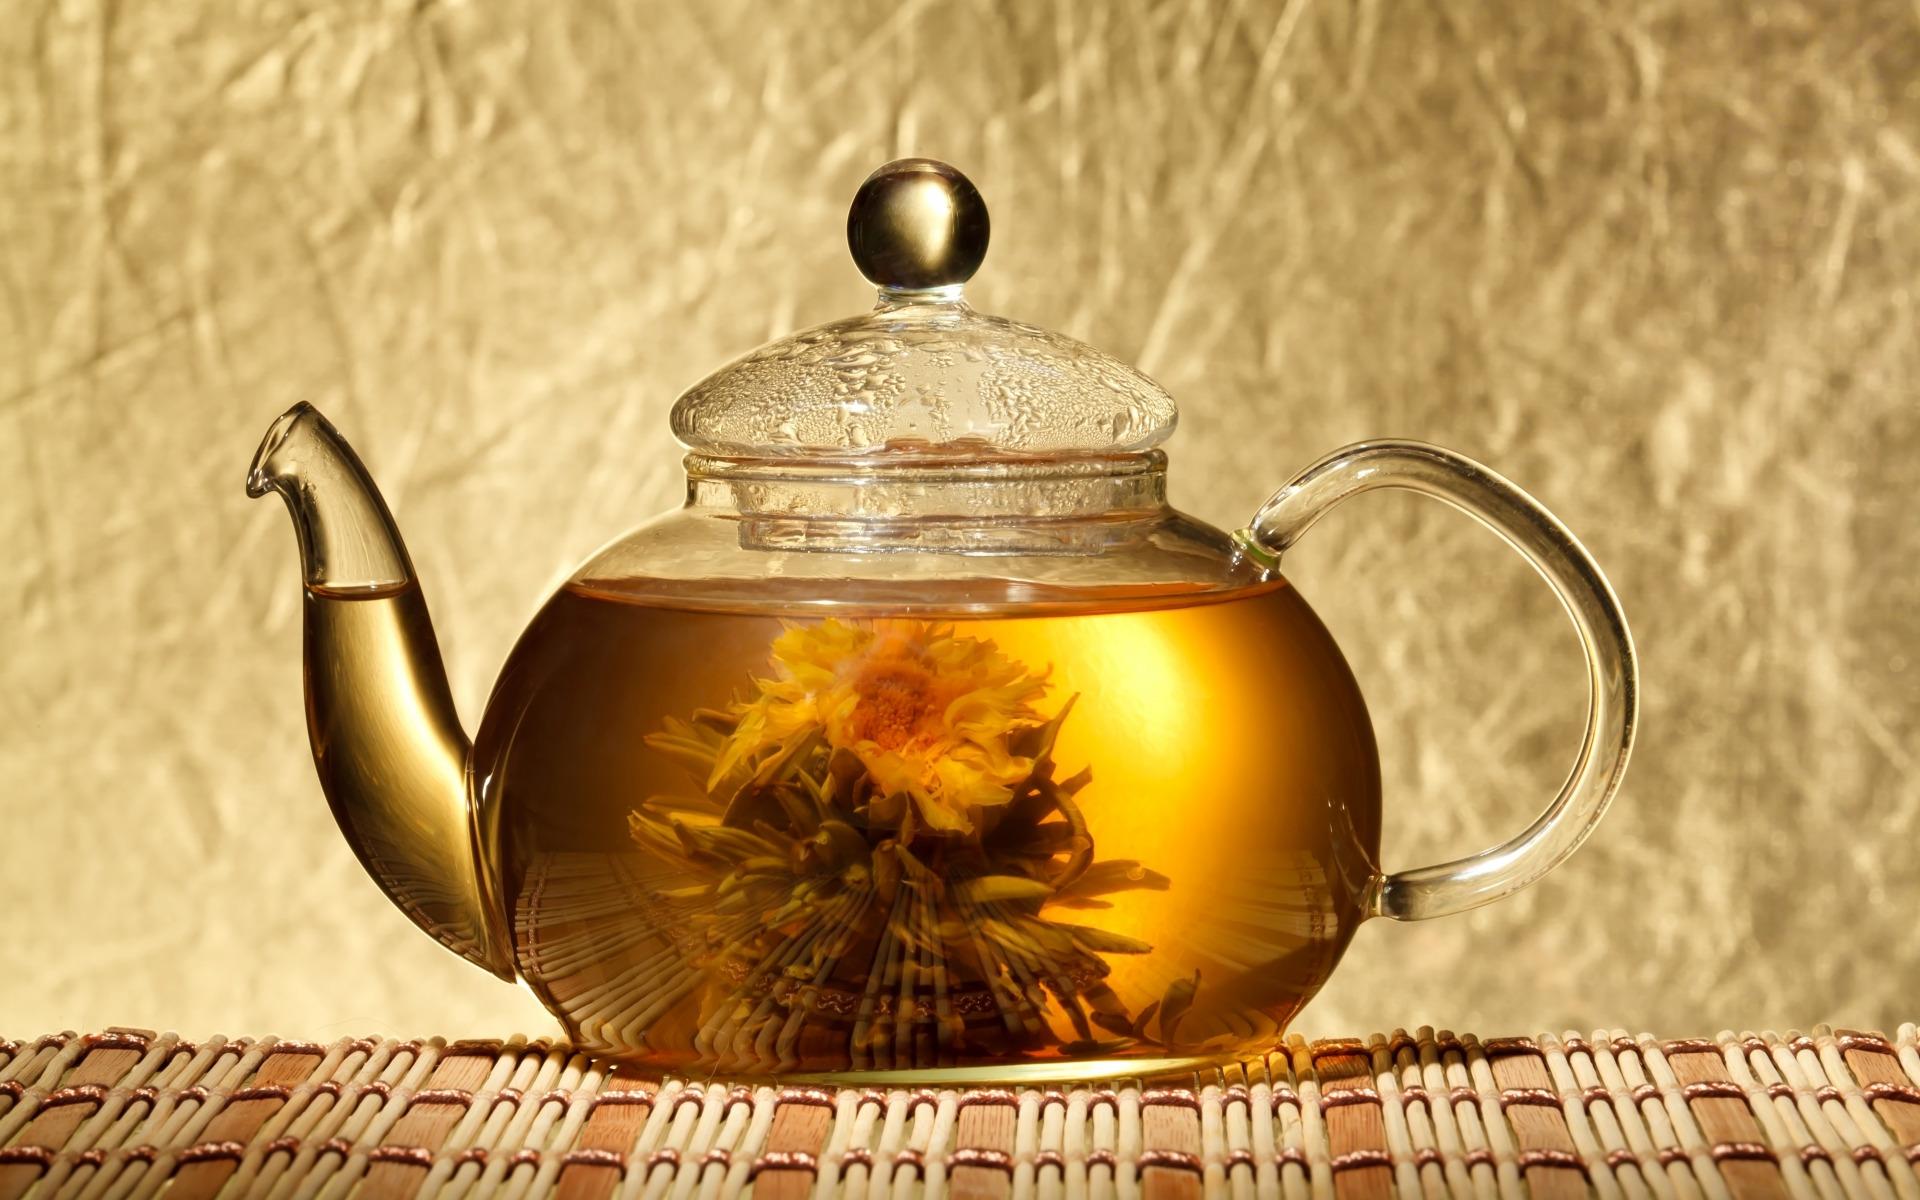 Картинка чайника с чаем